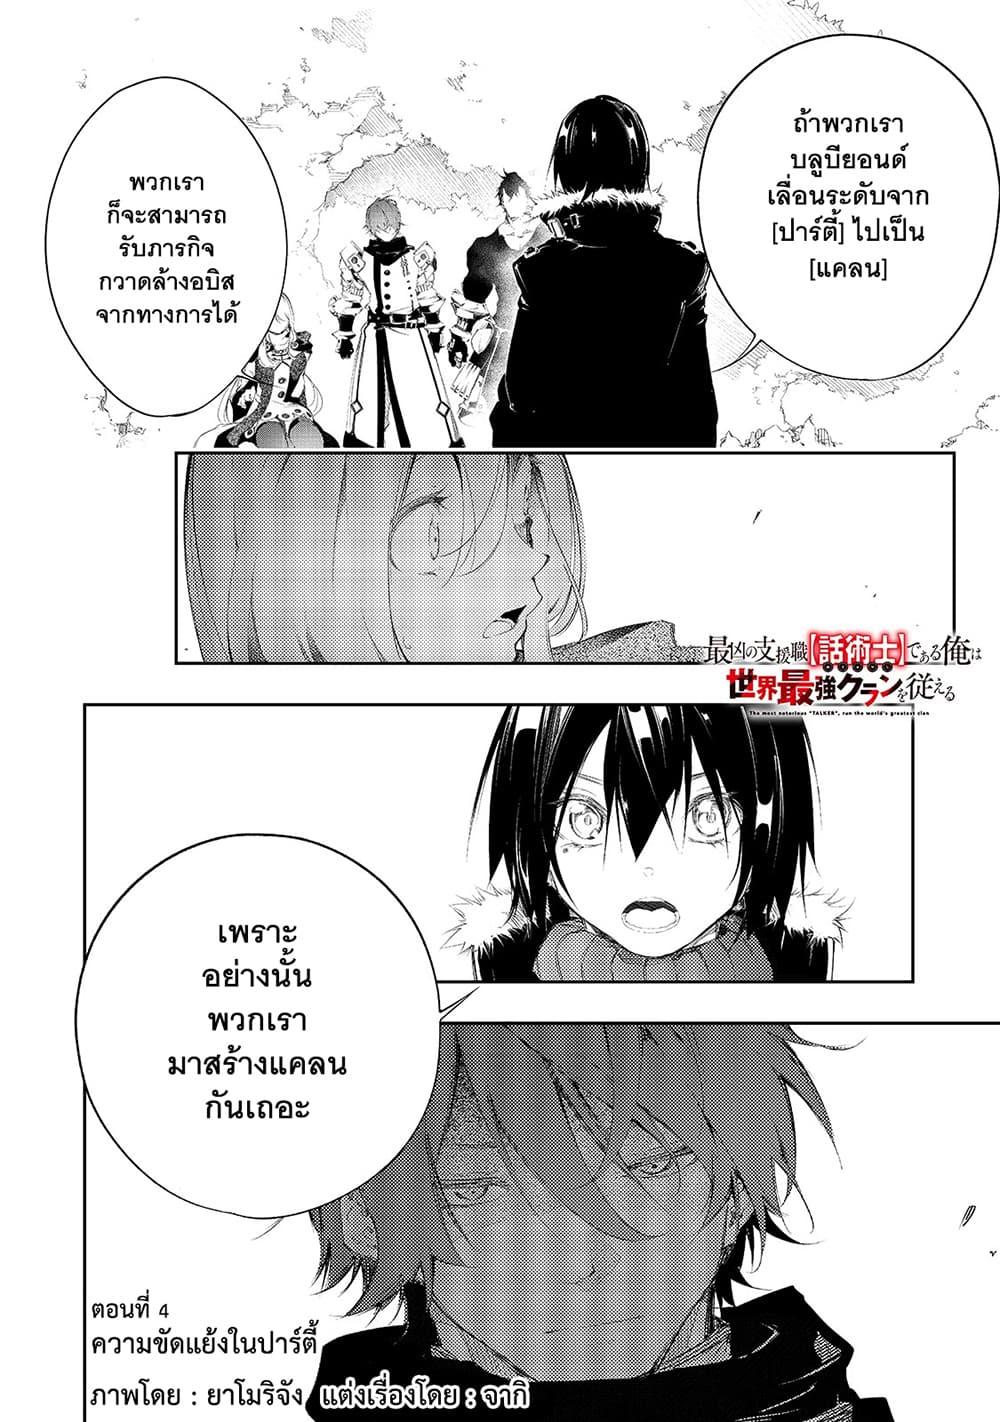 อ่านการ์ตูน Saikyou no Shien-shoku Wajutsushi Dearu Ore wa Sekai Saikyou Kuran o Shitagaeru ตอนที่ 4 หน้าที่ 2